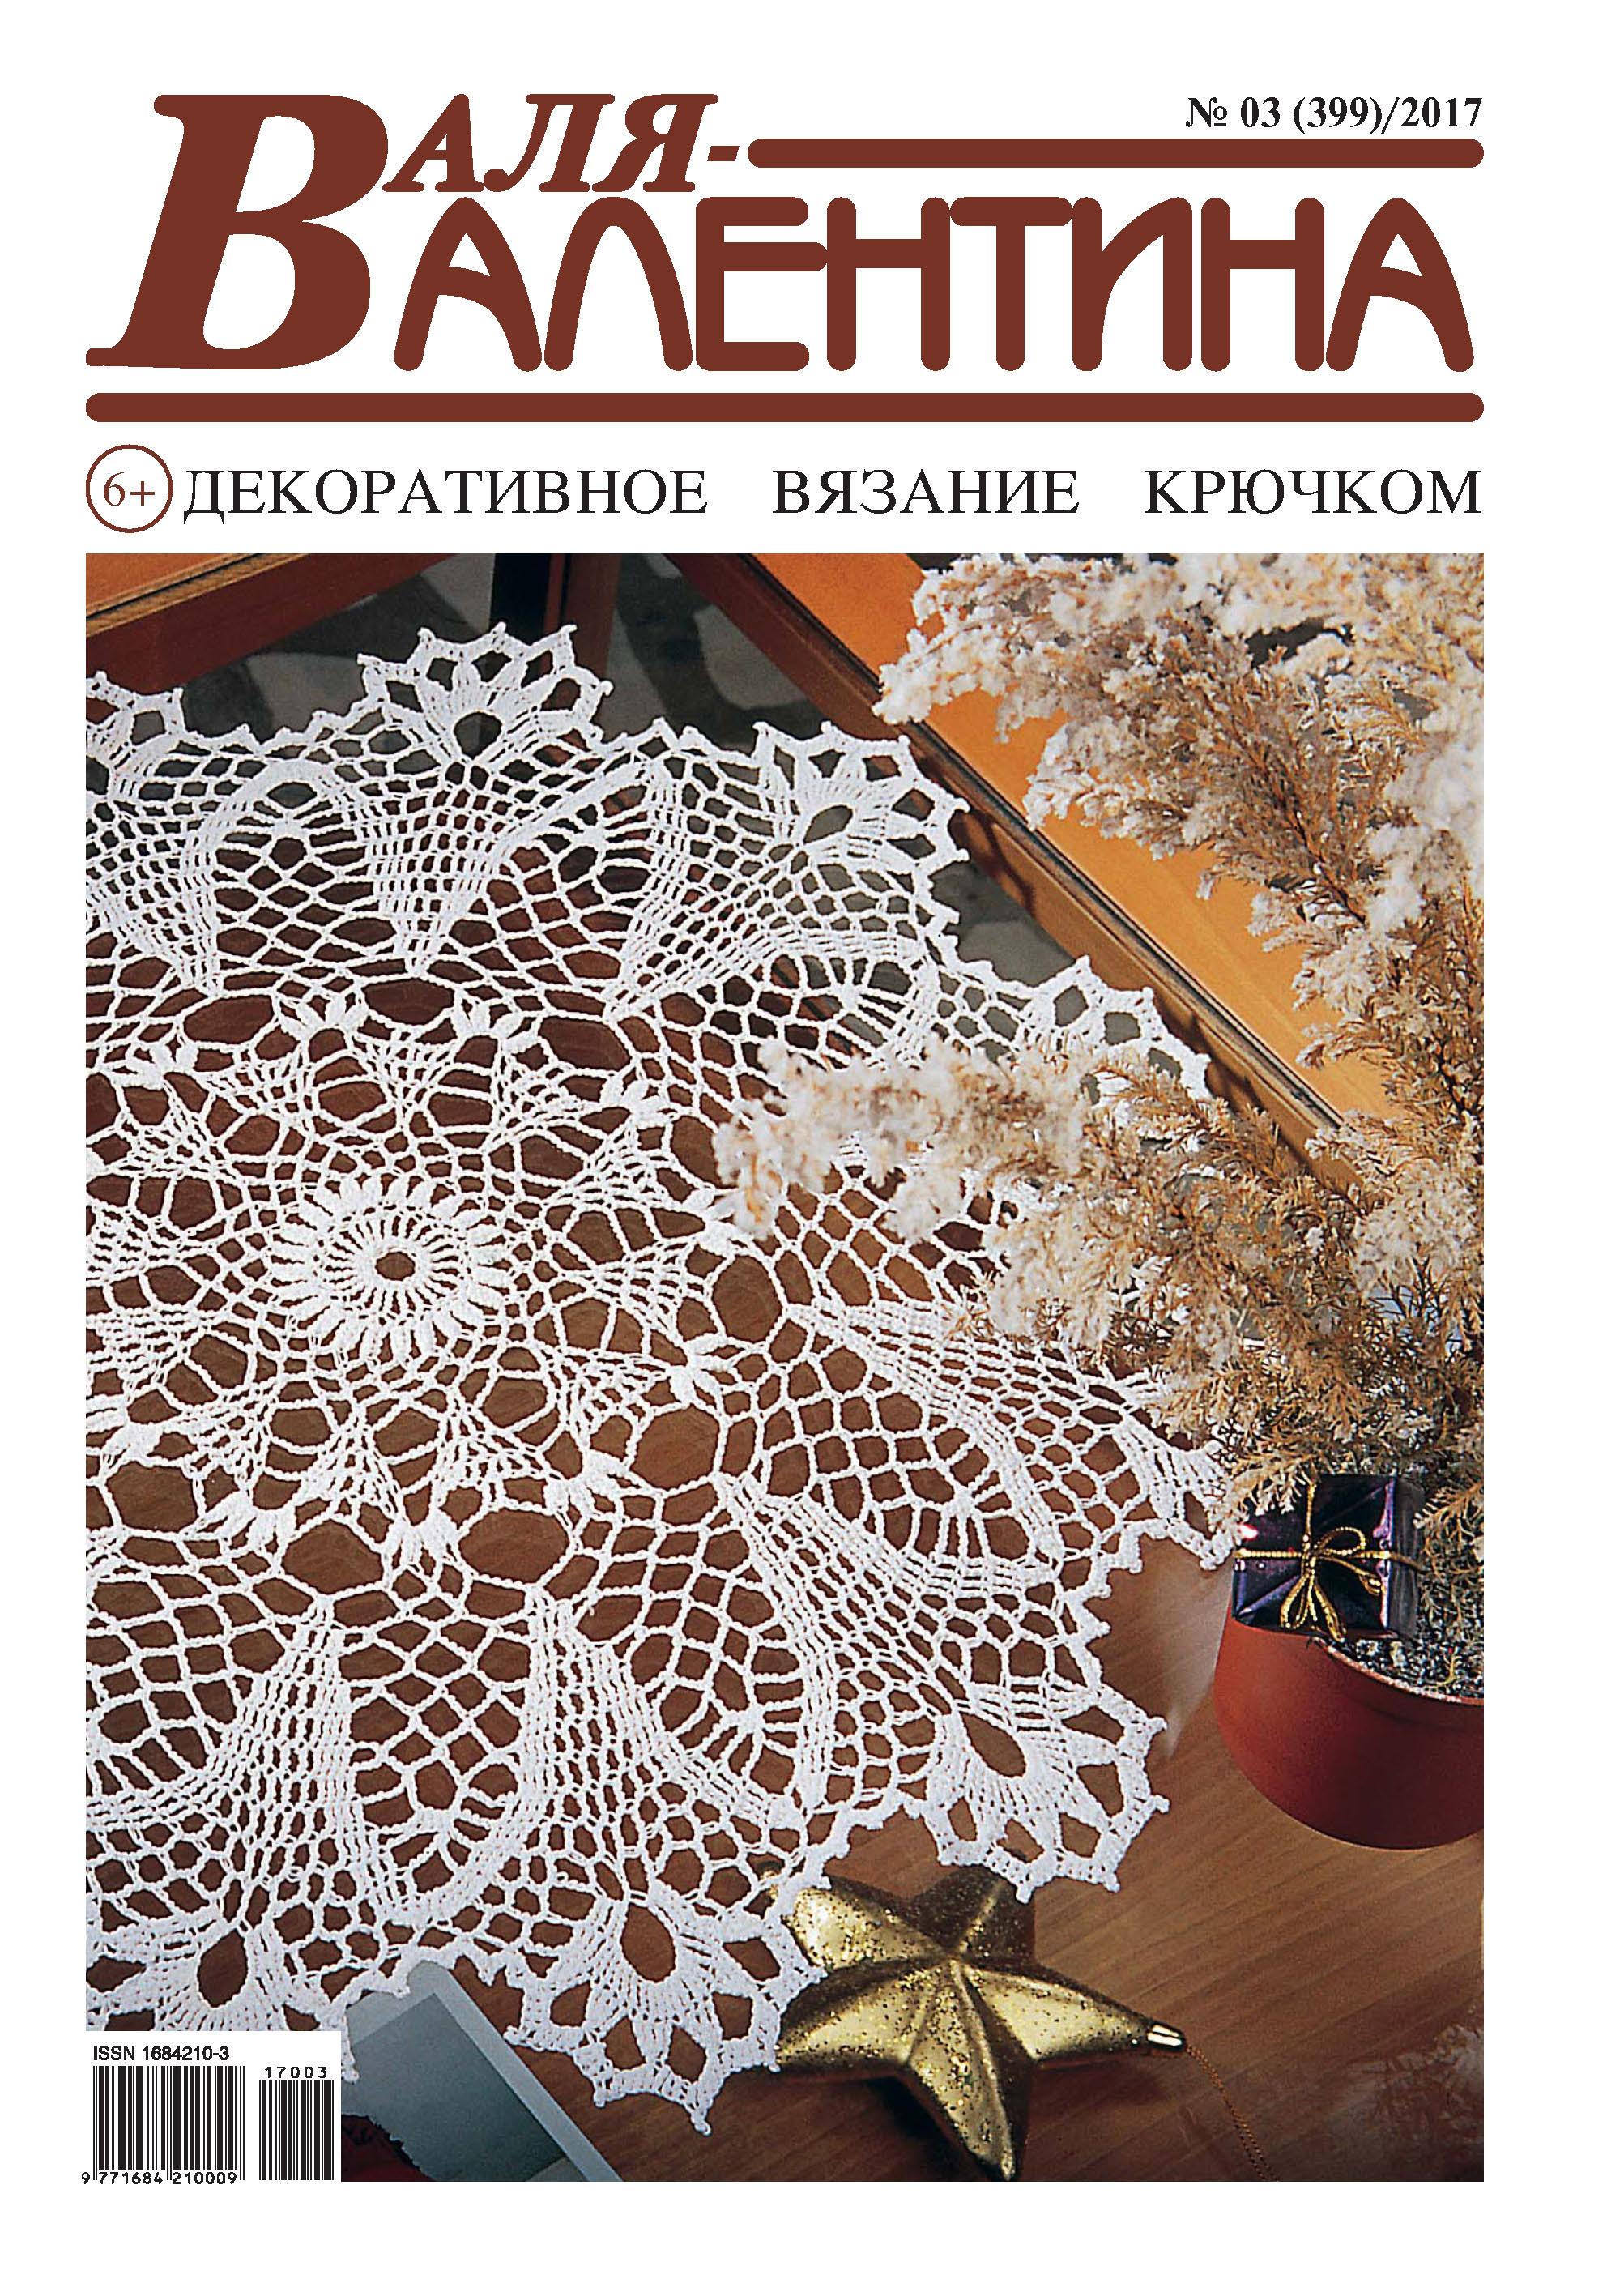 Валя-Валентина. Декоративное вязание крючком. №03/2017_Отсутствует